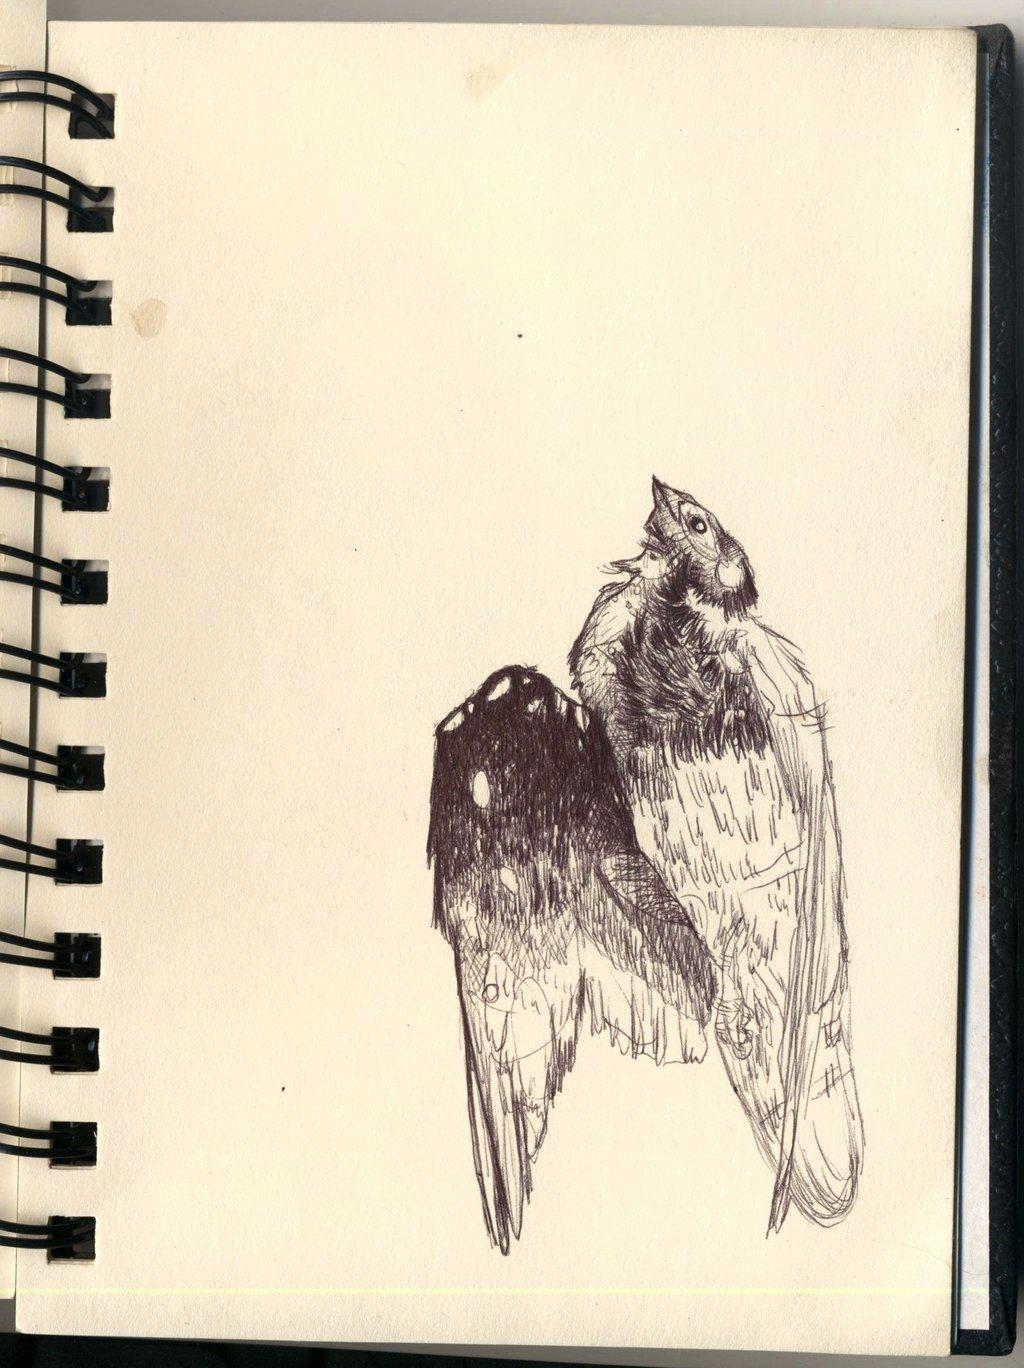 1024x1368 Dead Bird By Pttrdy